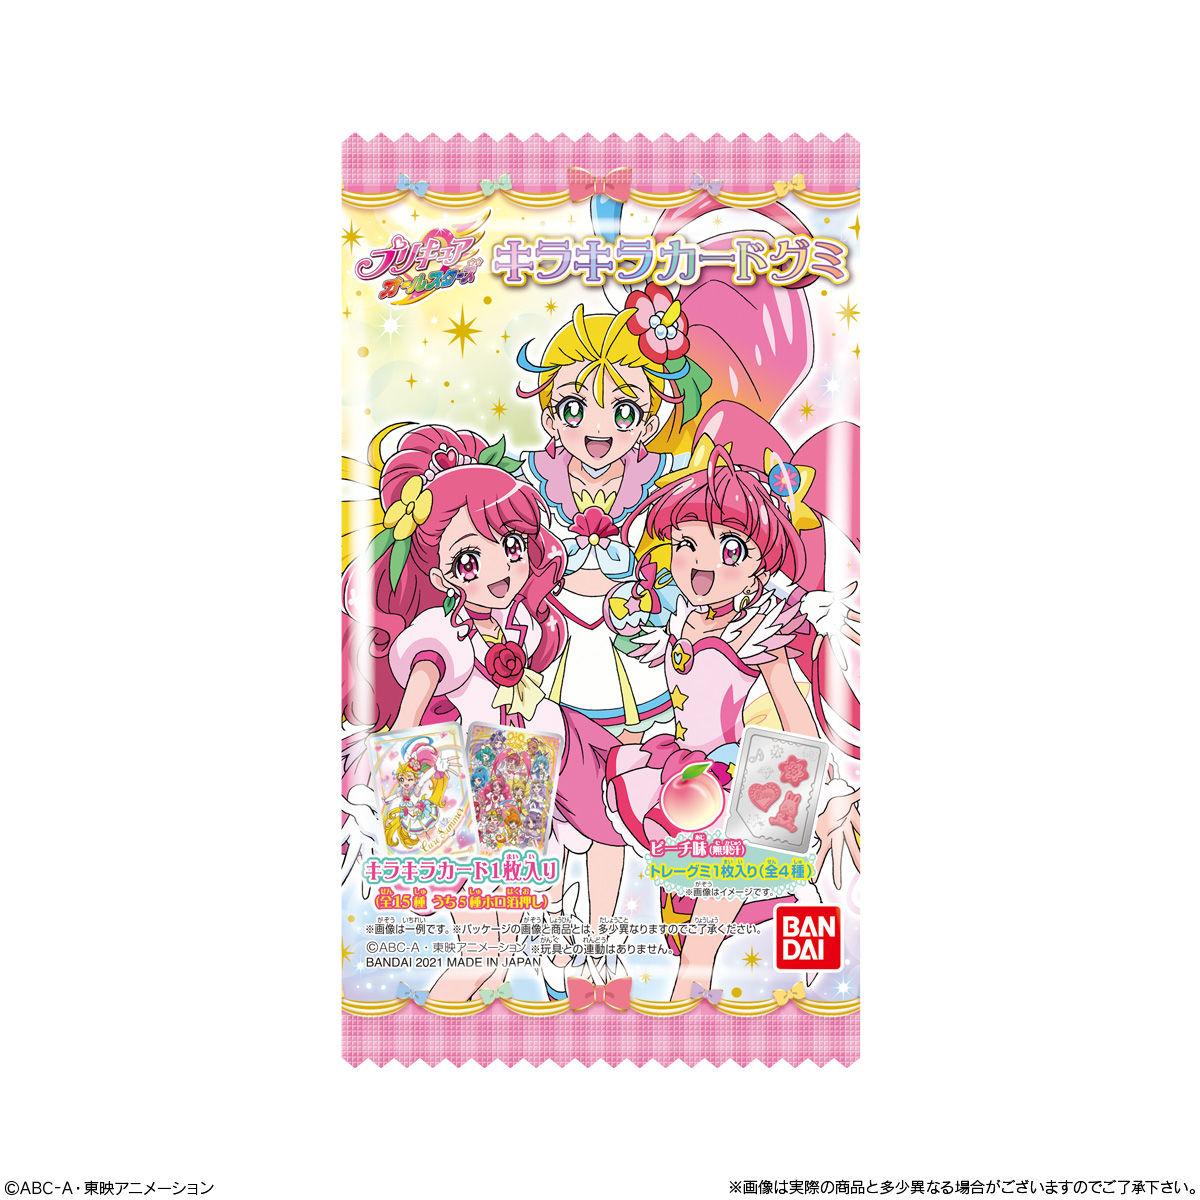 【食玩】プリキュア『プリキュアオールスターズ キラキラカードグミ』20個入りBOX-006